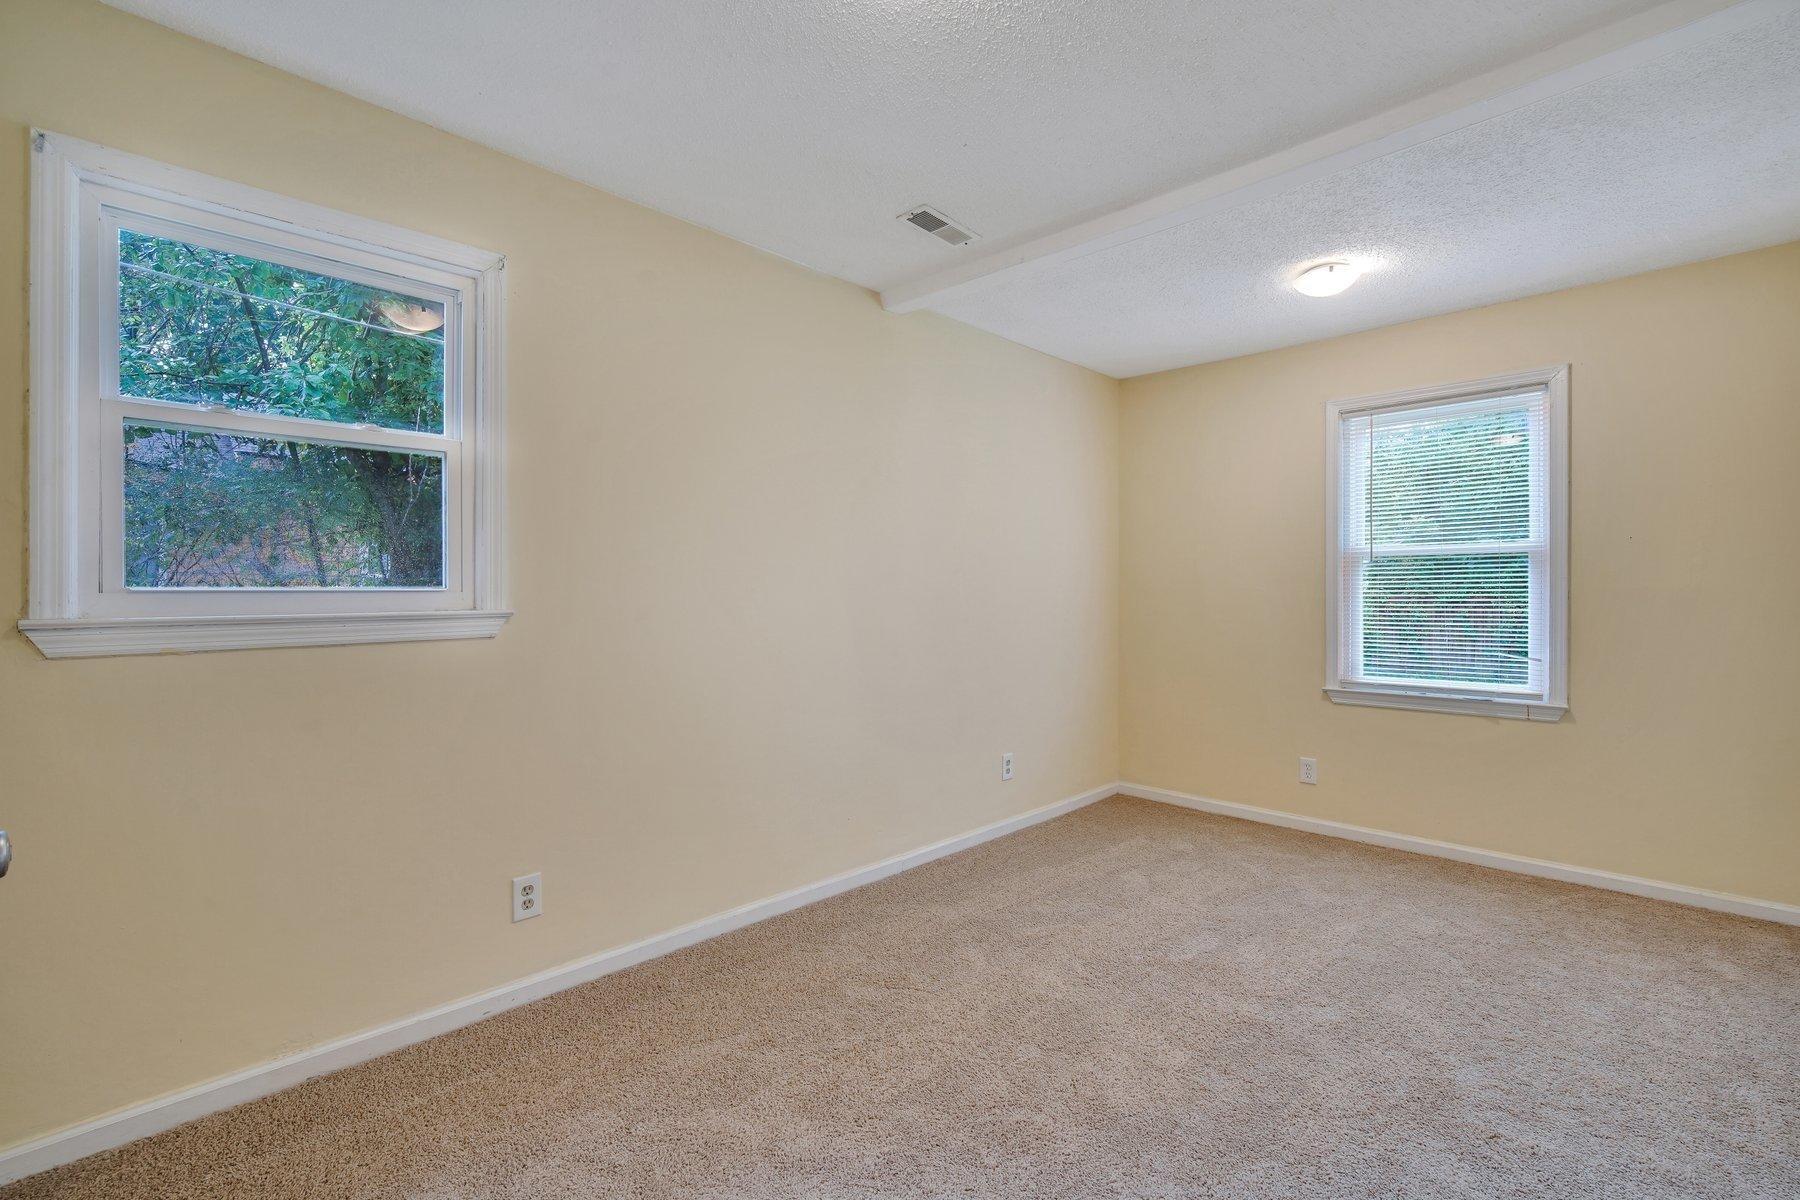 Boulder Bluff Homes For Sale - 428 Annette, Goose Creek, SC - 8